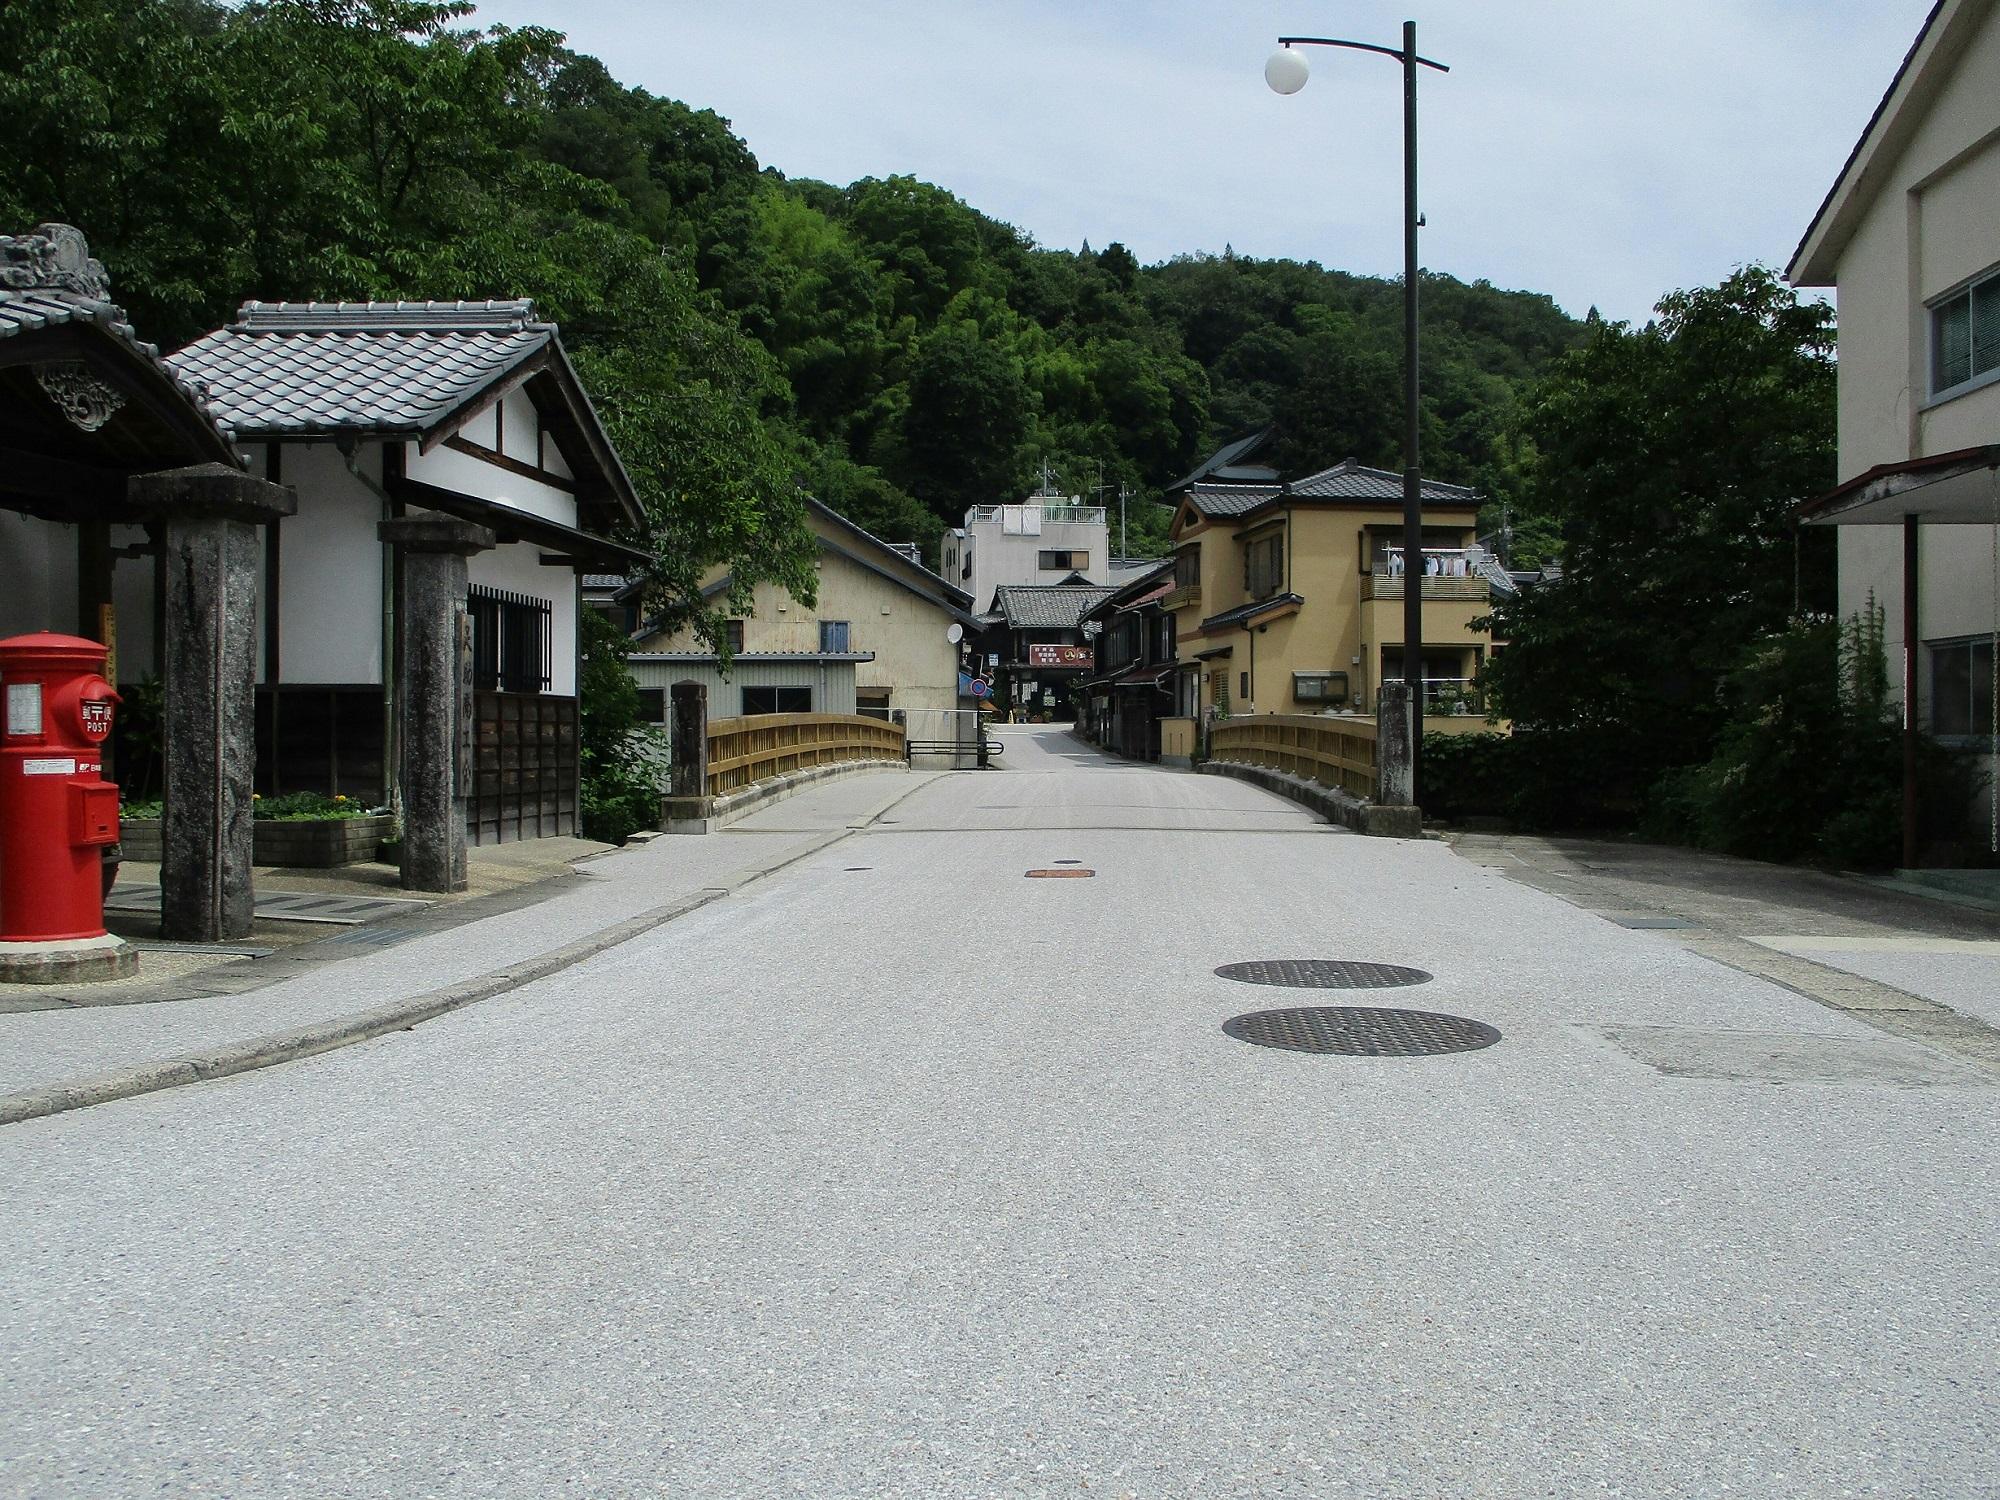 2018.6.22 (79) 足助 - 中橋 2000-1500